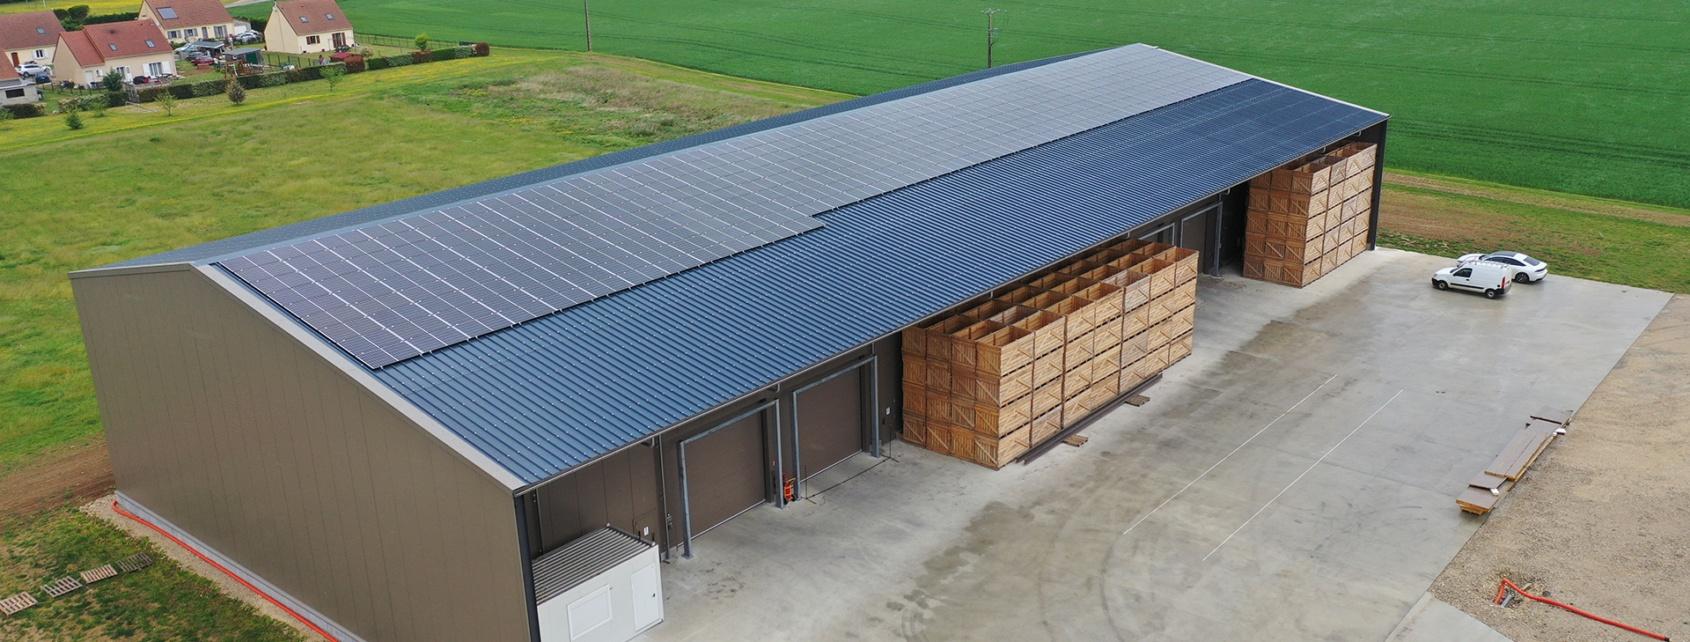 vue aérienne hangar photovoltaïque en Eure et Loir 28276